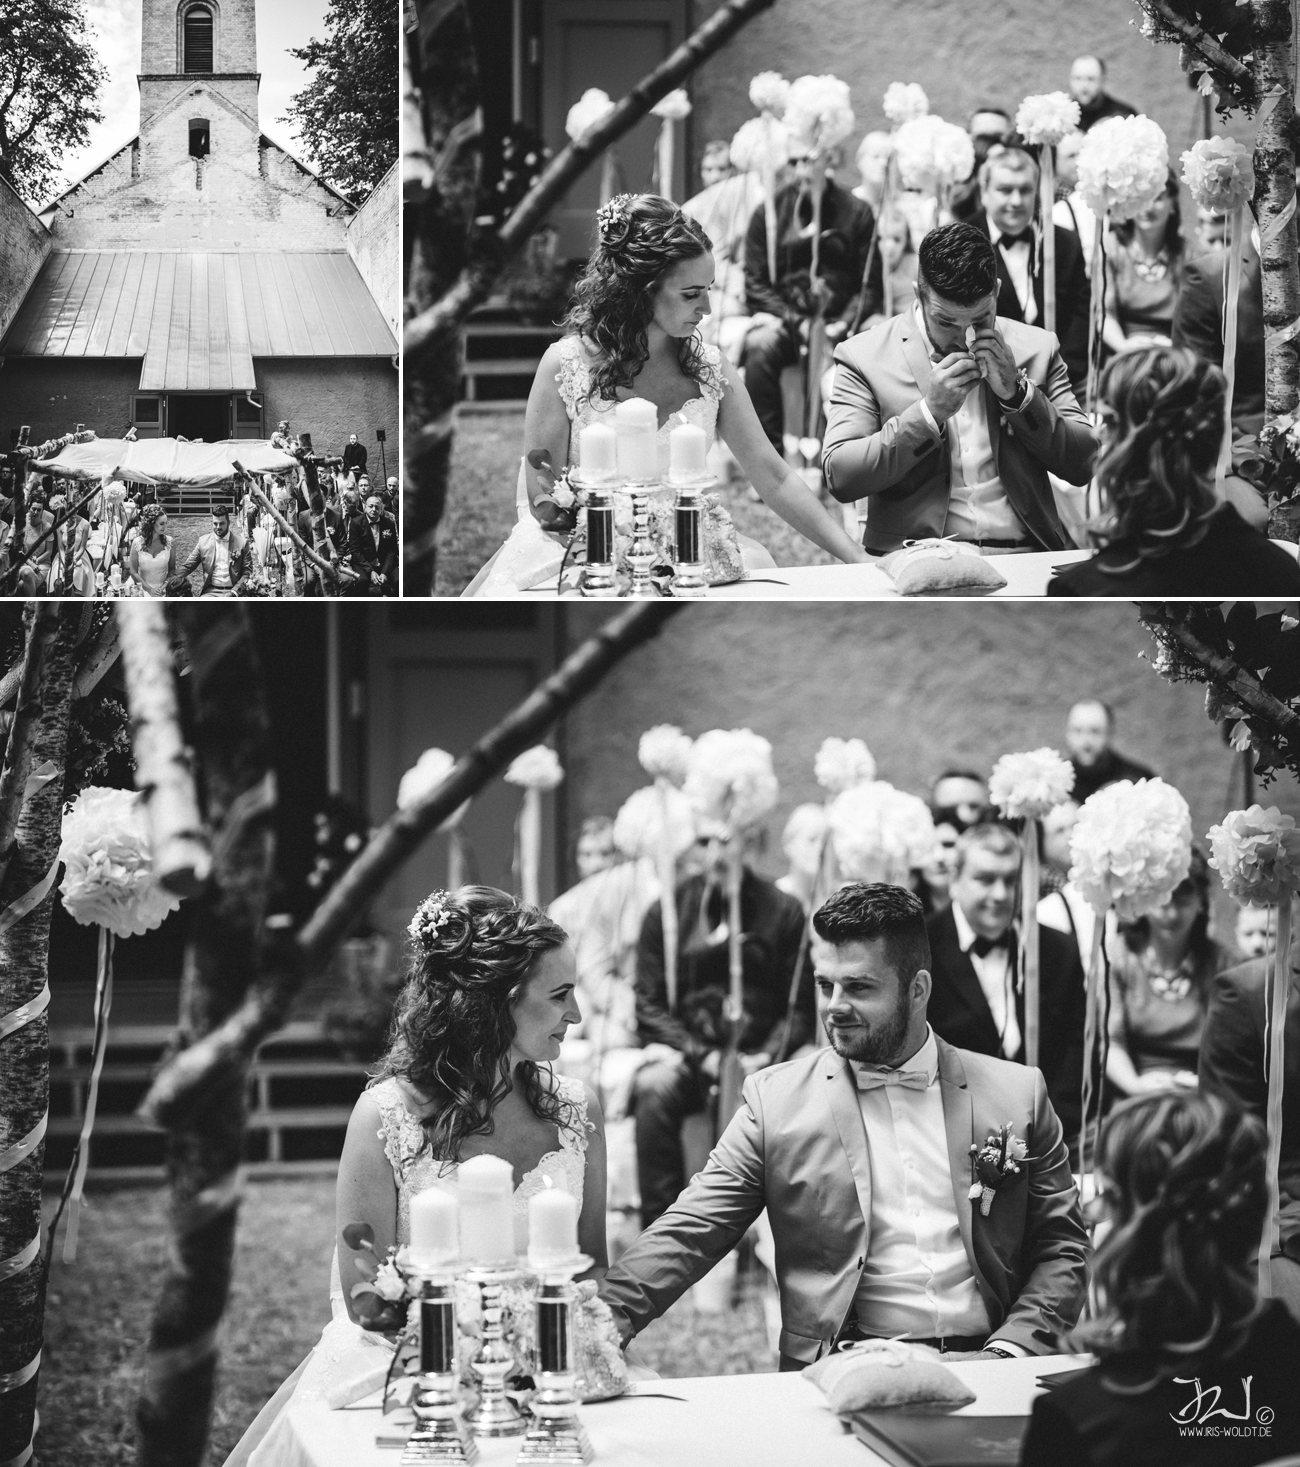 Hochzeitsfotograf_Altthymen_MuehleTornow_IrisWoldt 39